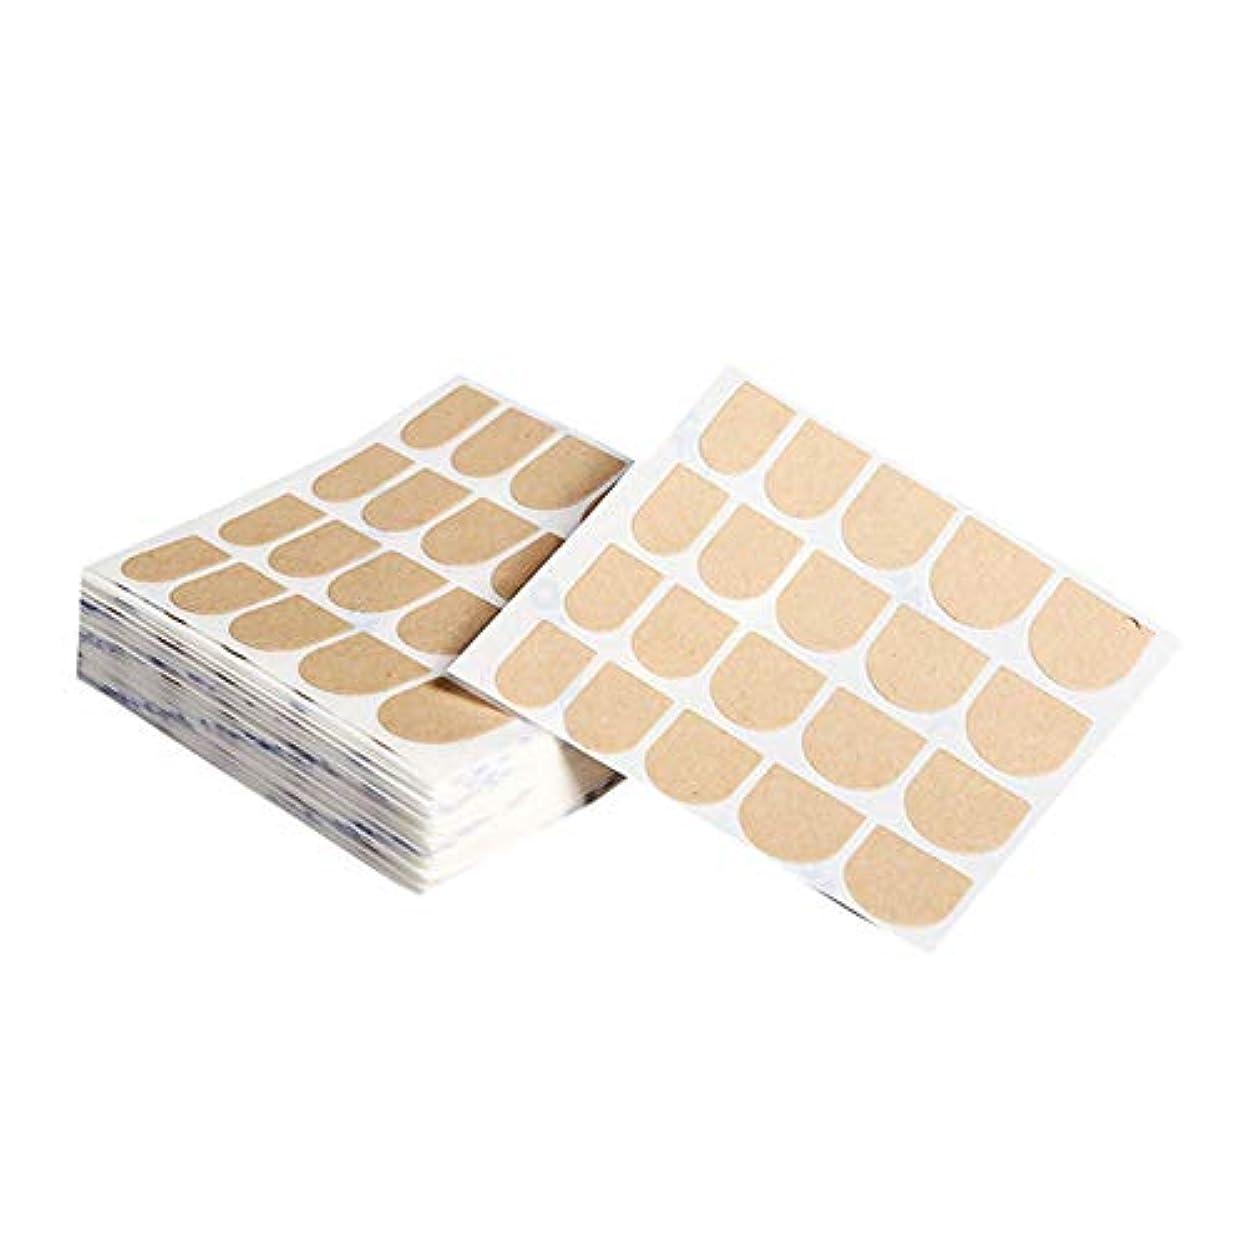 爆発する賢い書士ACHICOO ネイルアートステッカー 20個 ネイルアート チップネイル ステッカーデカール DIY アクセサリー 20PCS 20pcs packaged